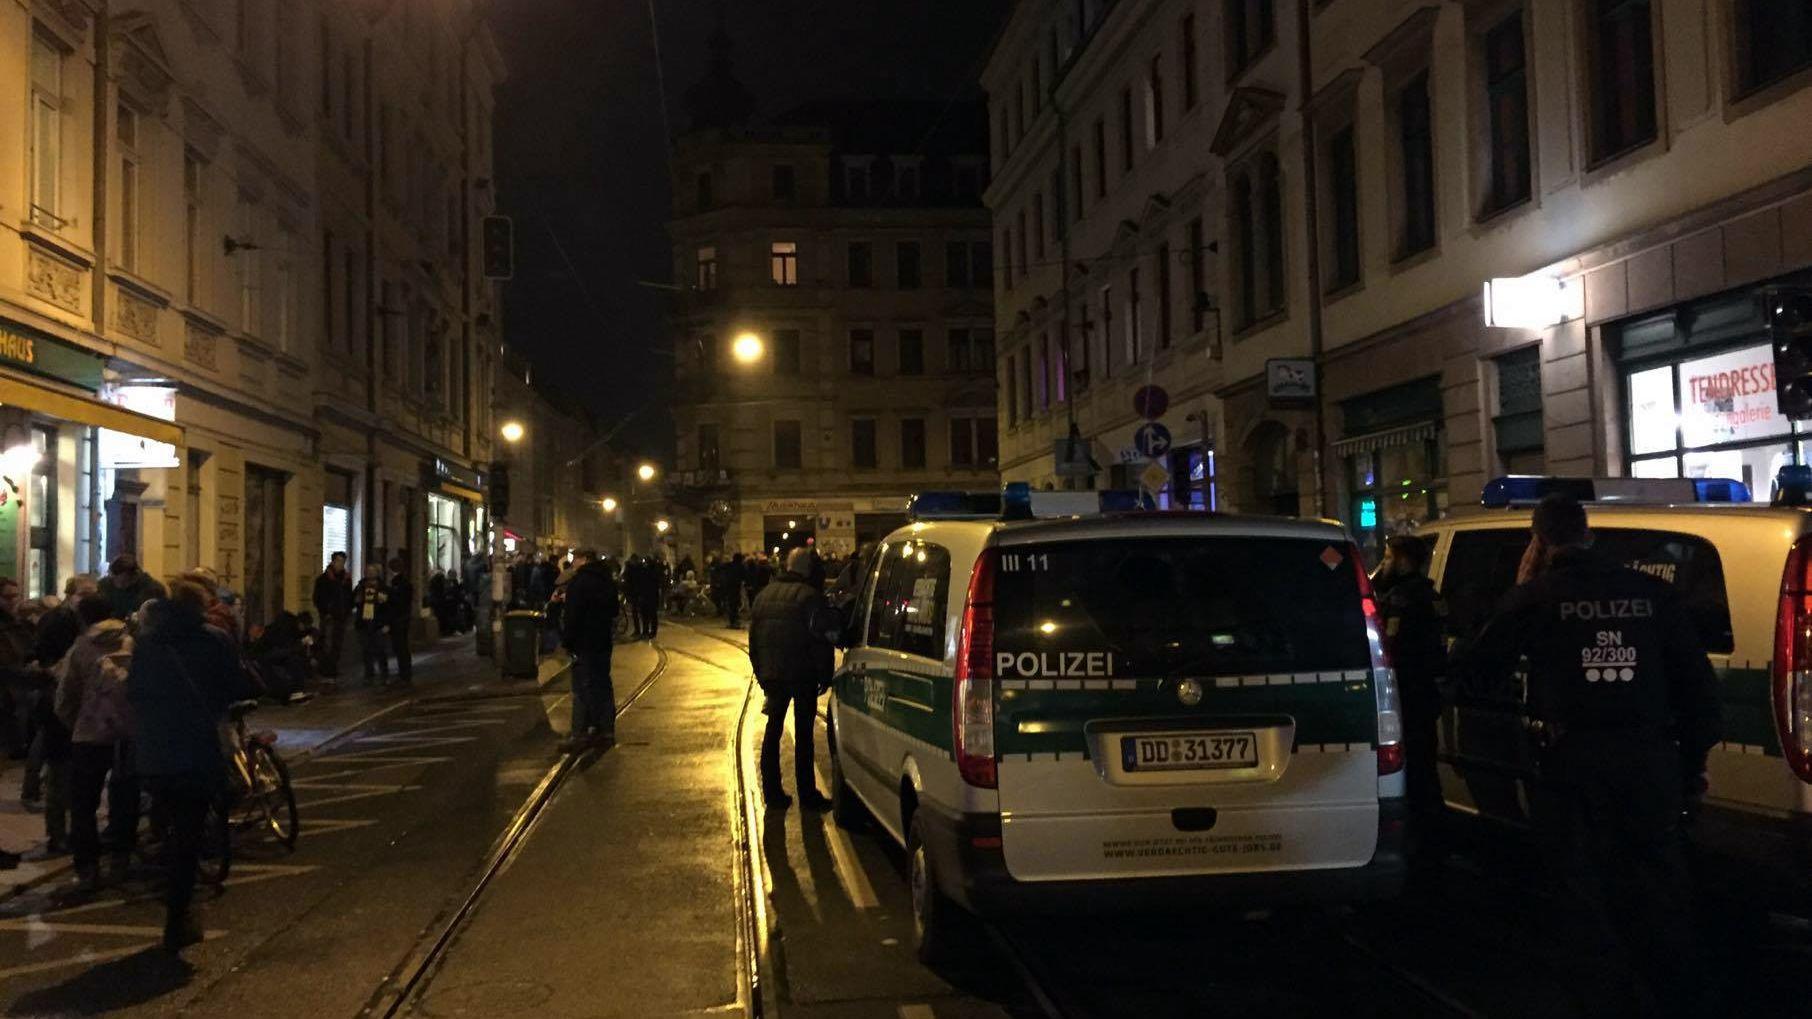 Ab 22 Uhr war die Polizei vor Ort